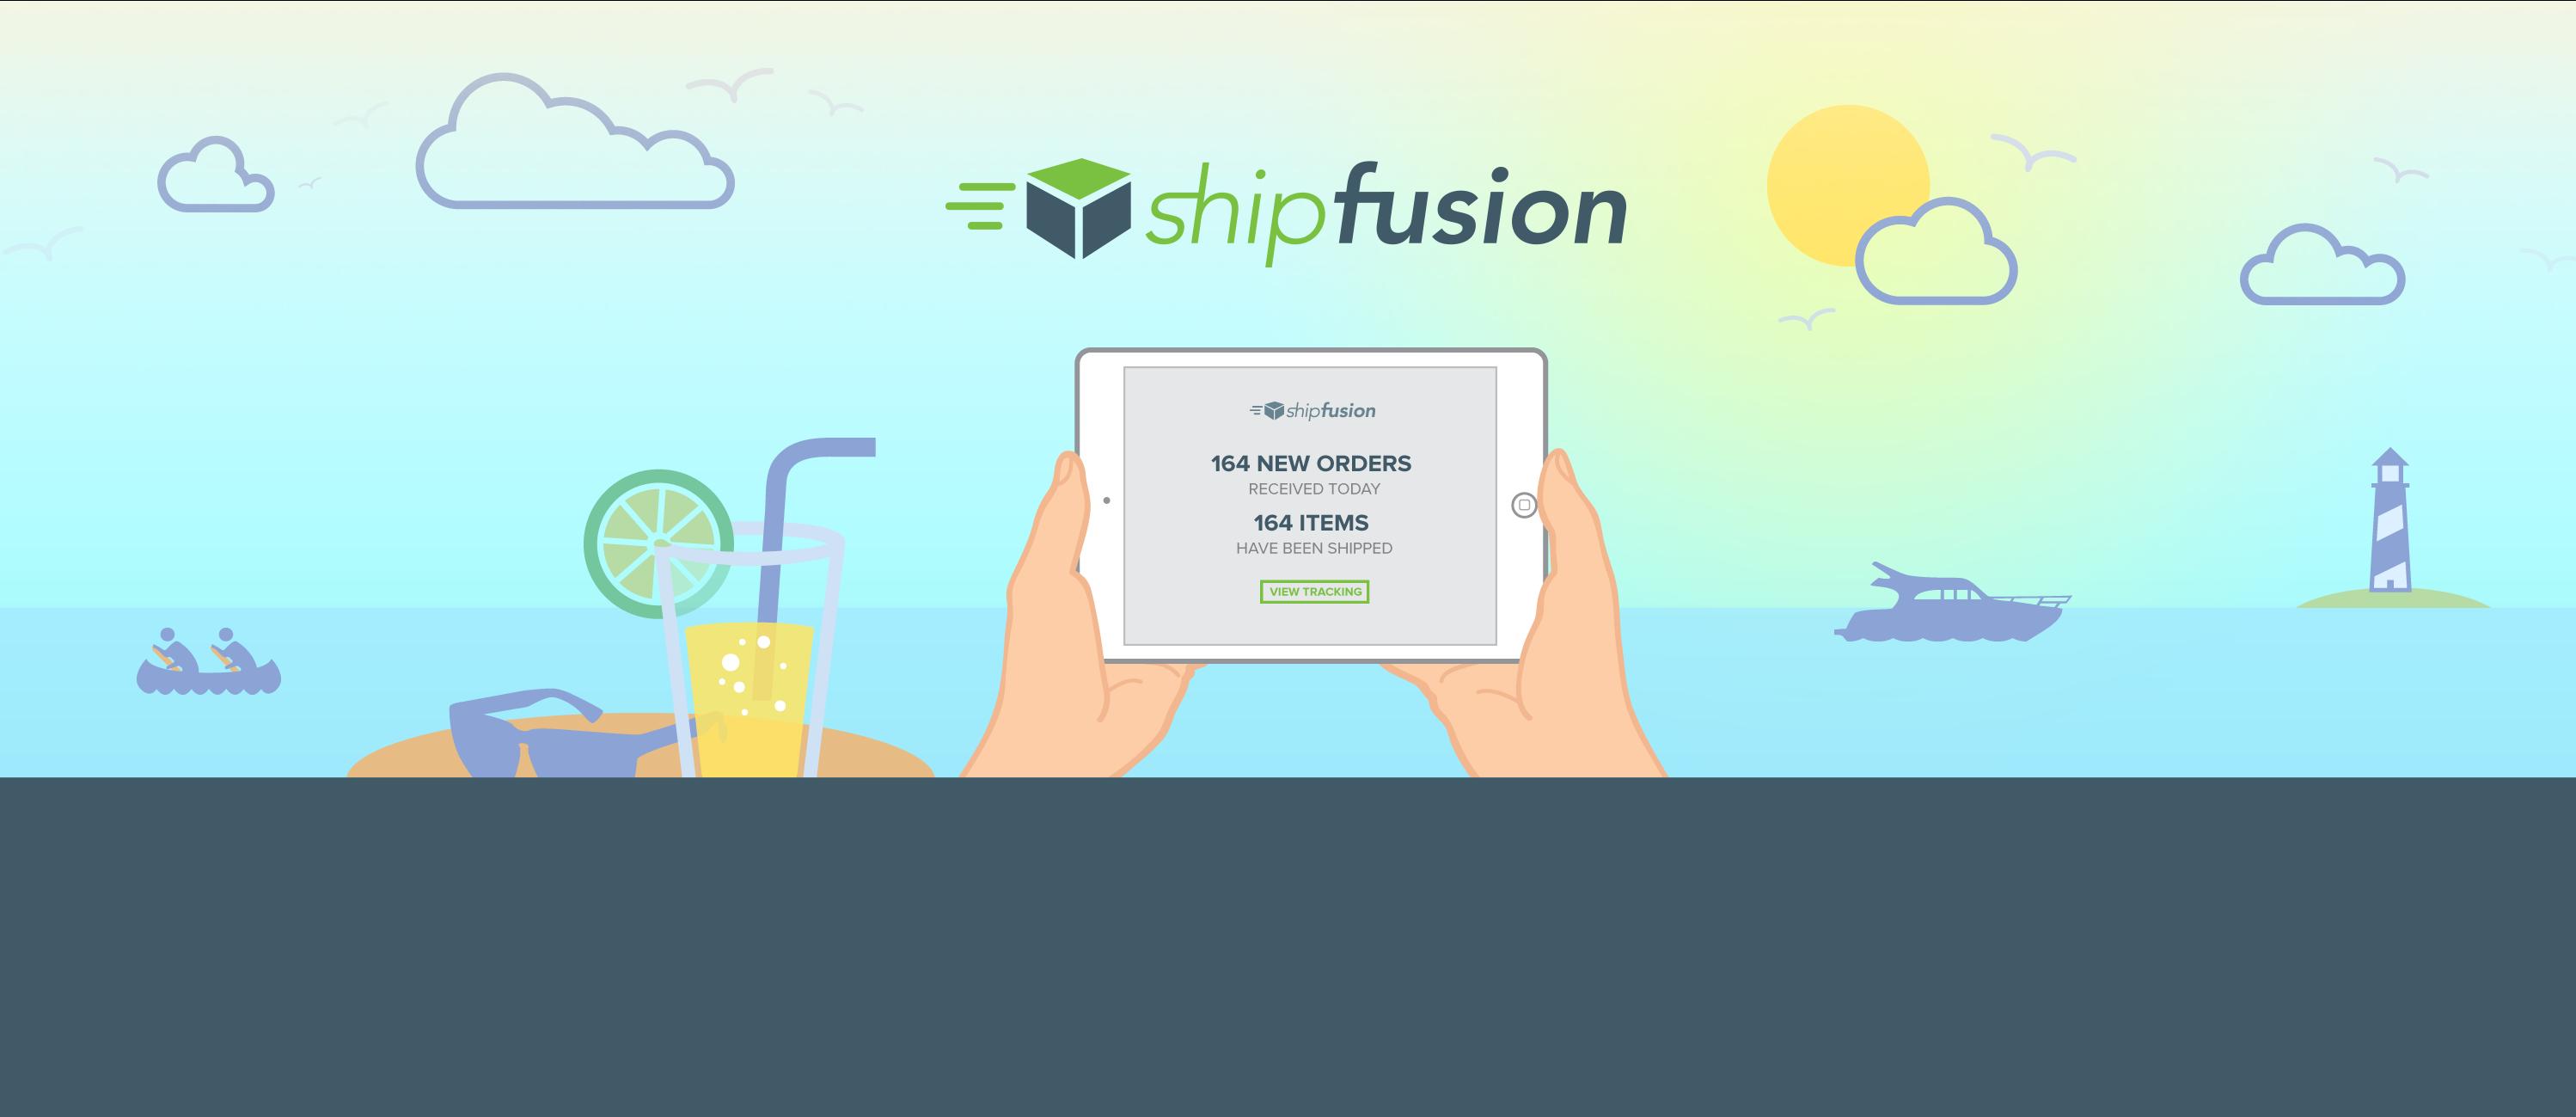 shipfusion-header